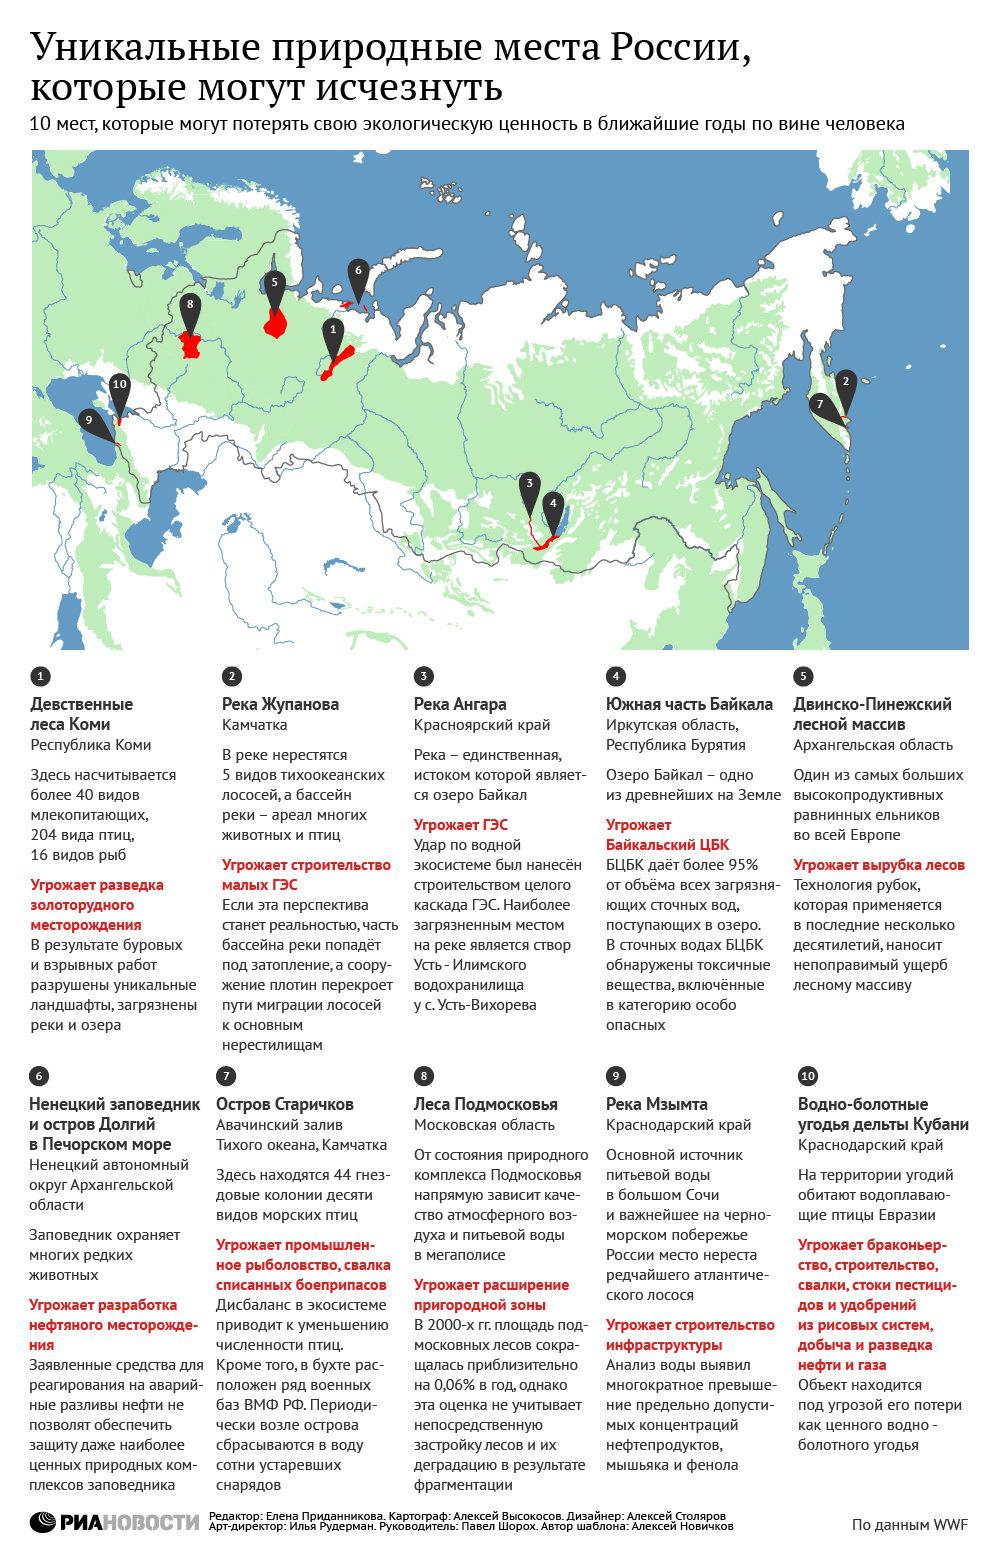 Уникальные природные места России, которые могут исчезнуть